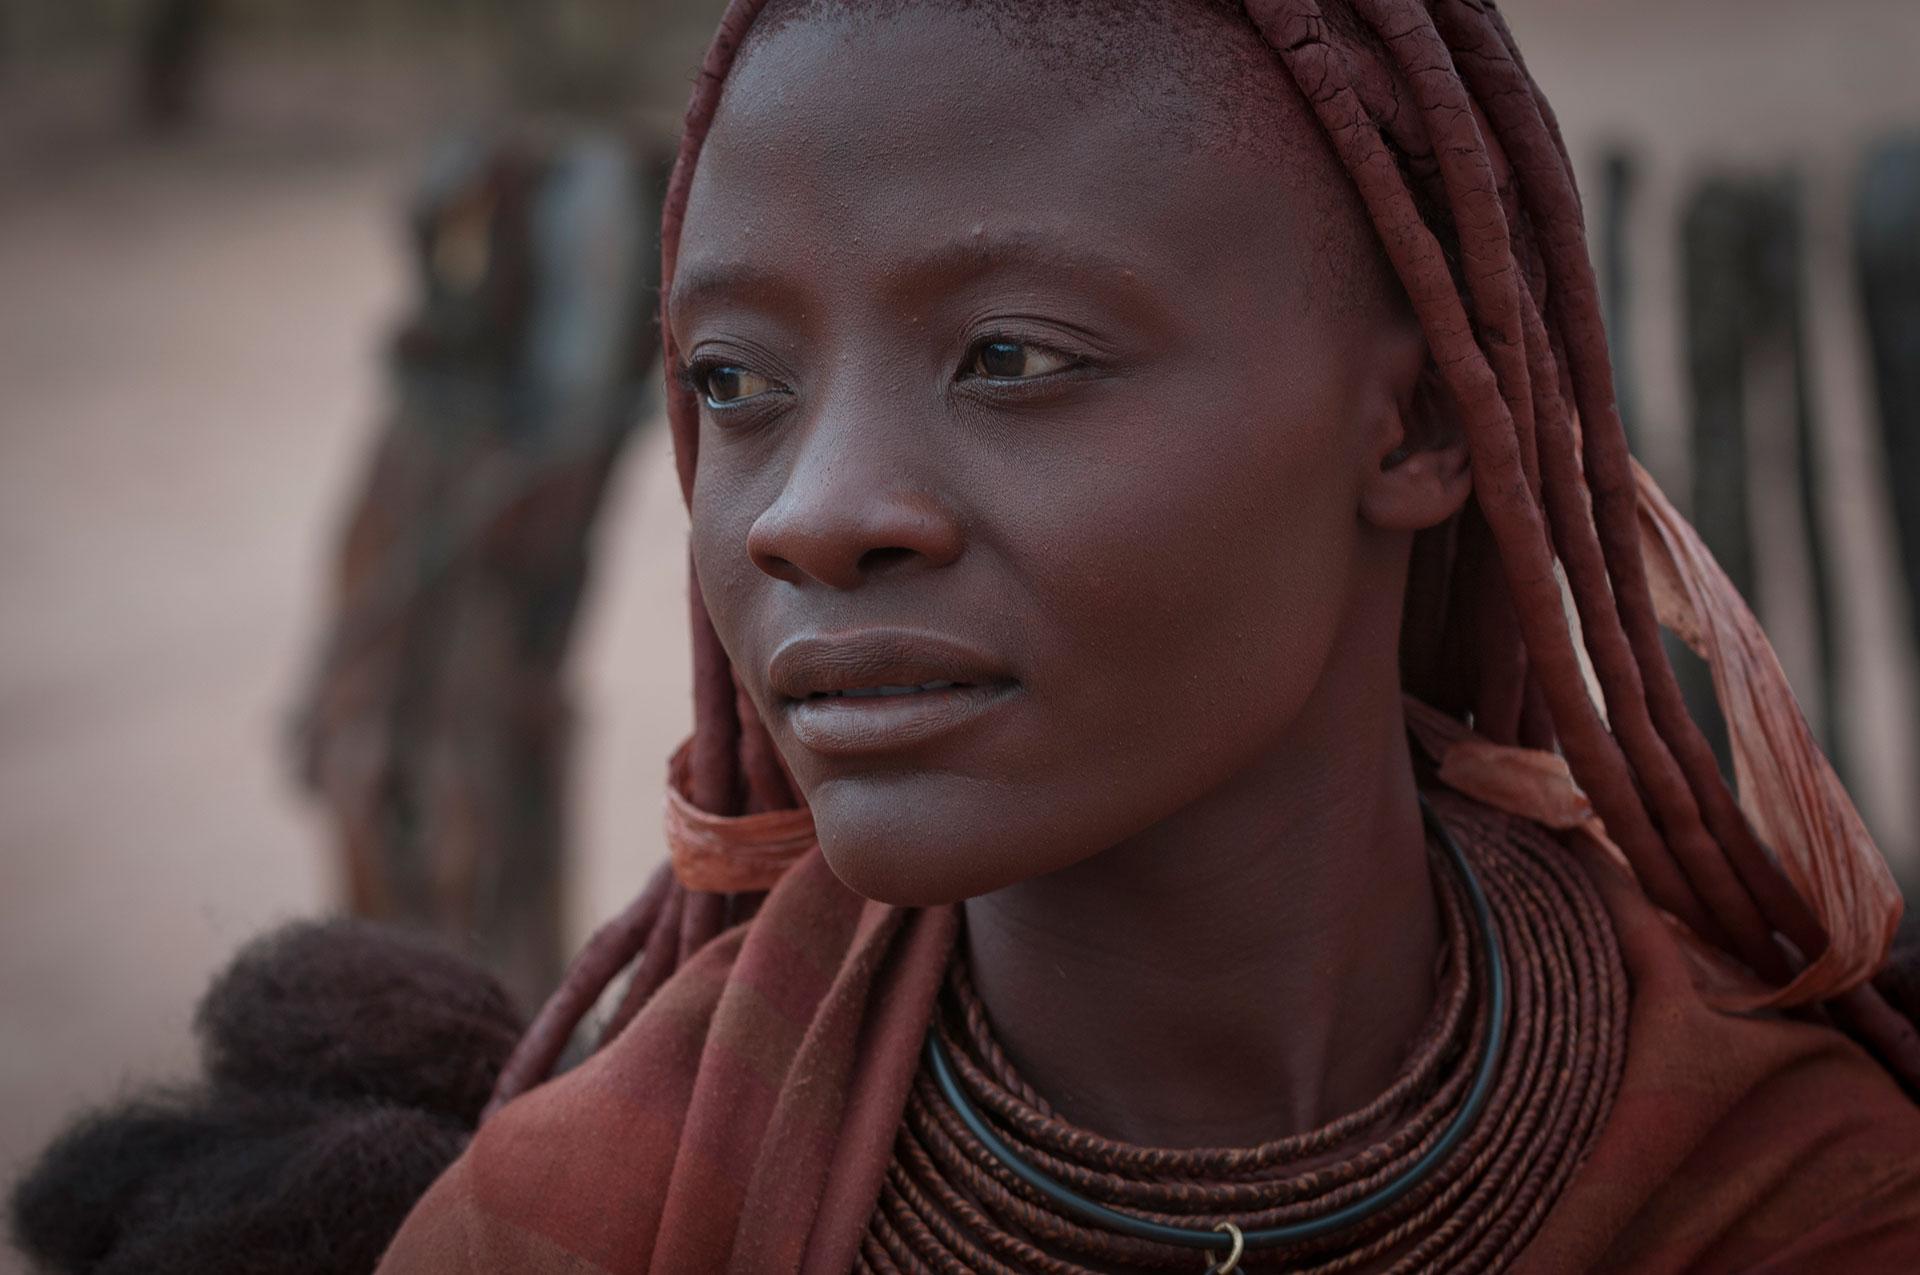 Afrika im Damaraland bei Kamanjab das Portrait einer Himbafrau Ureinwohnerin in einem Hüttendorf